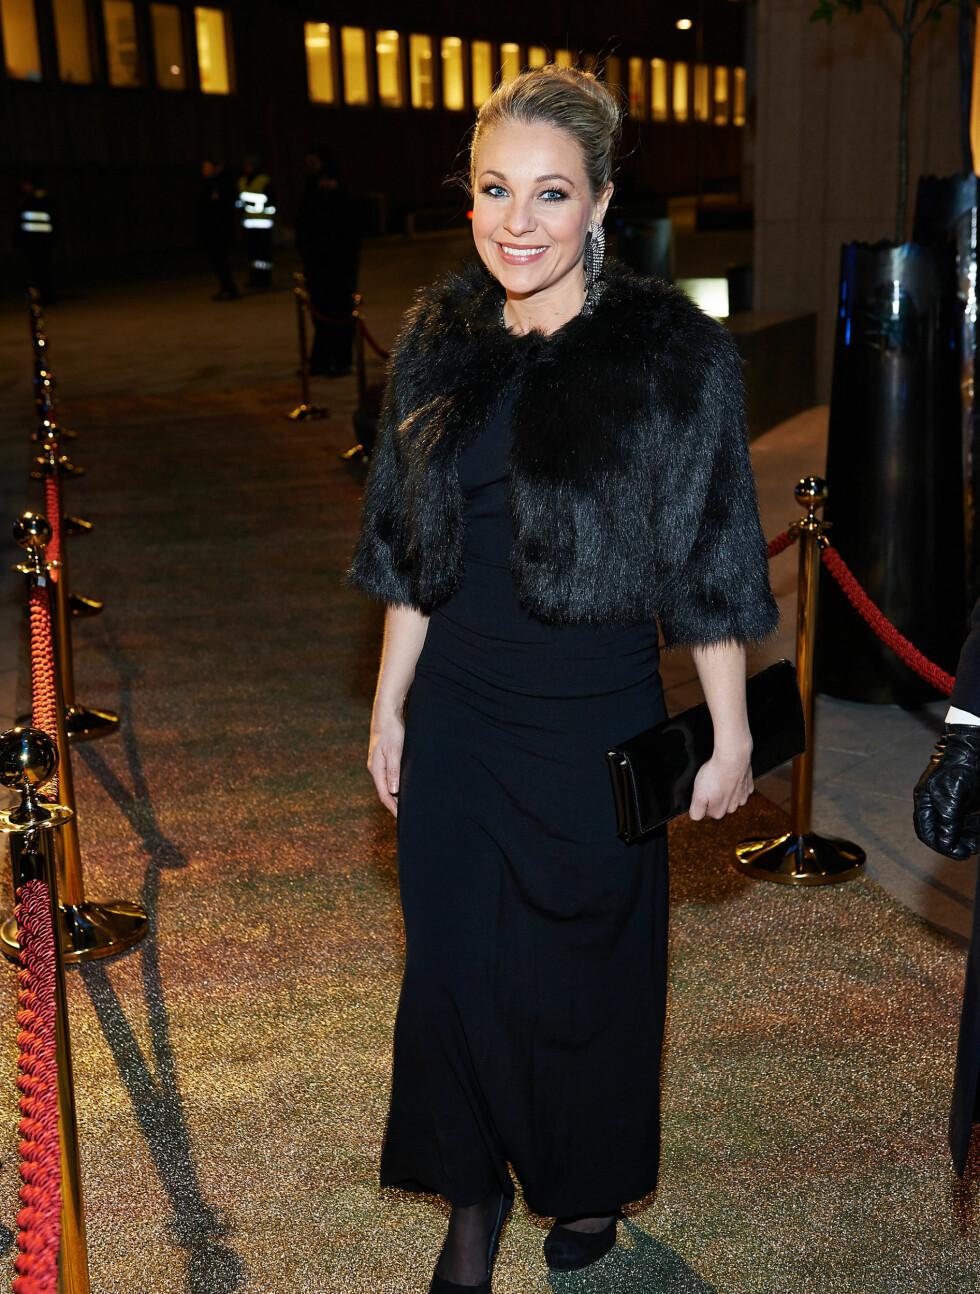 DEN LANGE SORTE: Skuespiller Janne Formoe stilte i en elegant, sort kreasjon da hun ankom åpningsfesten. Foto: Stella Pictures